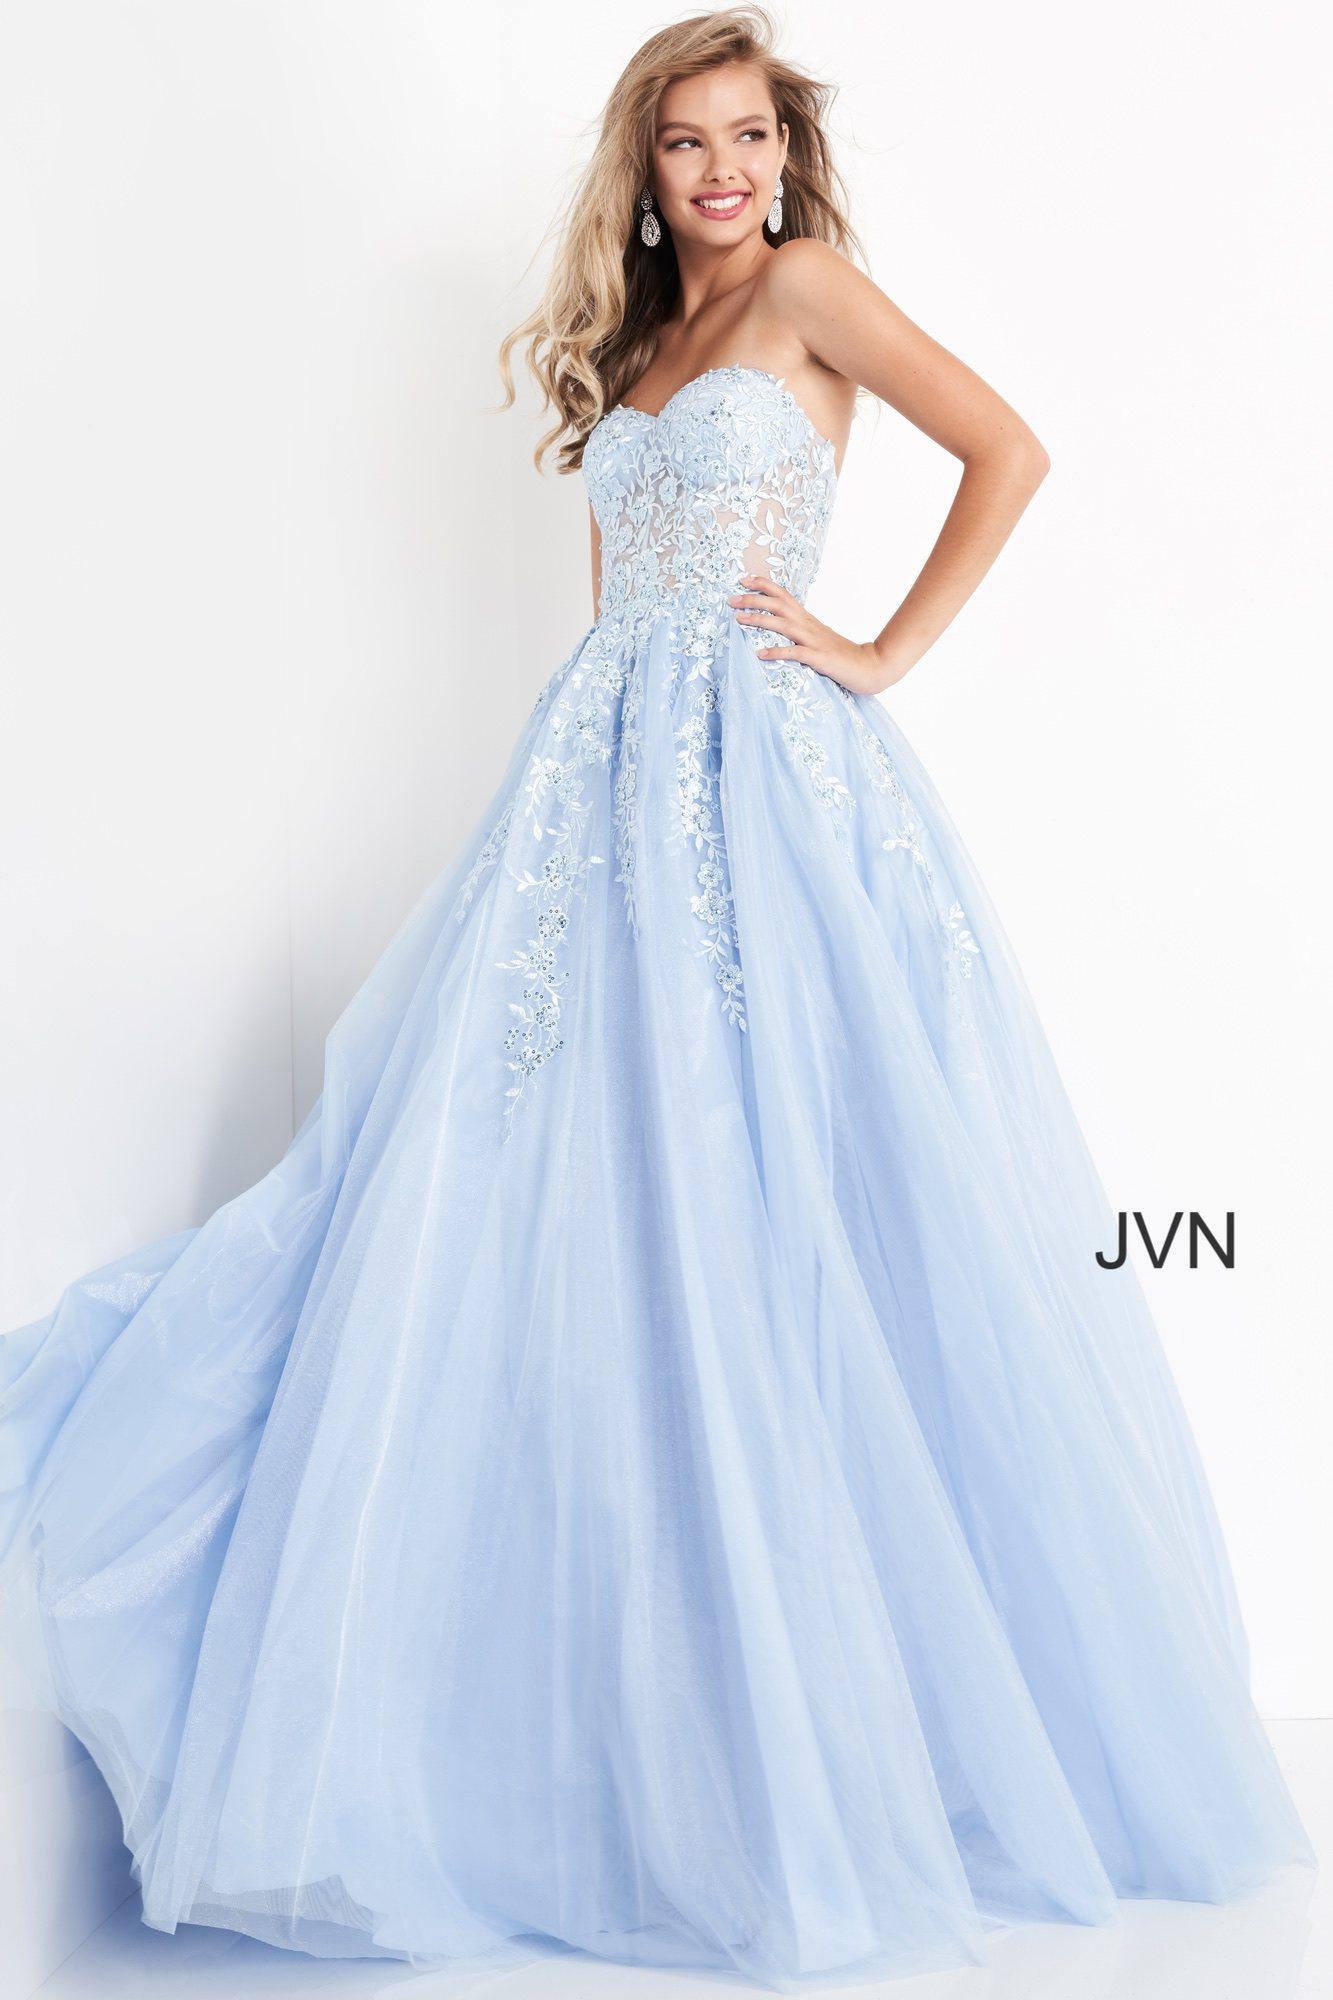 Jvn00915 Dress Jvn Emerald Strapless Embroidered Prom Ballgown